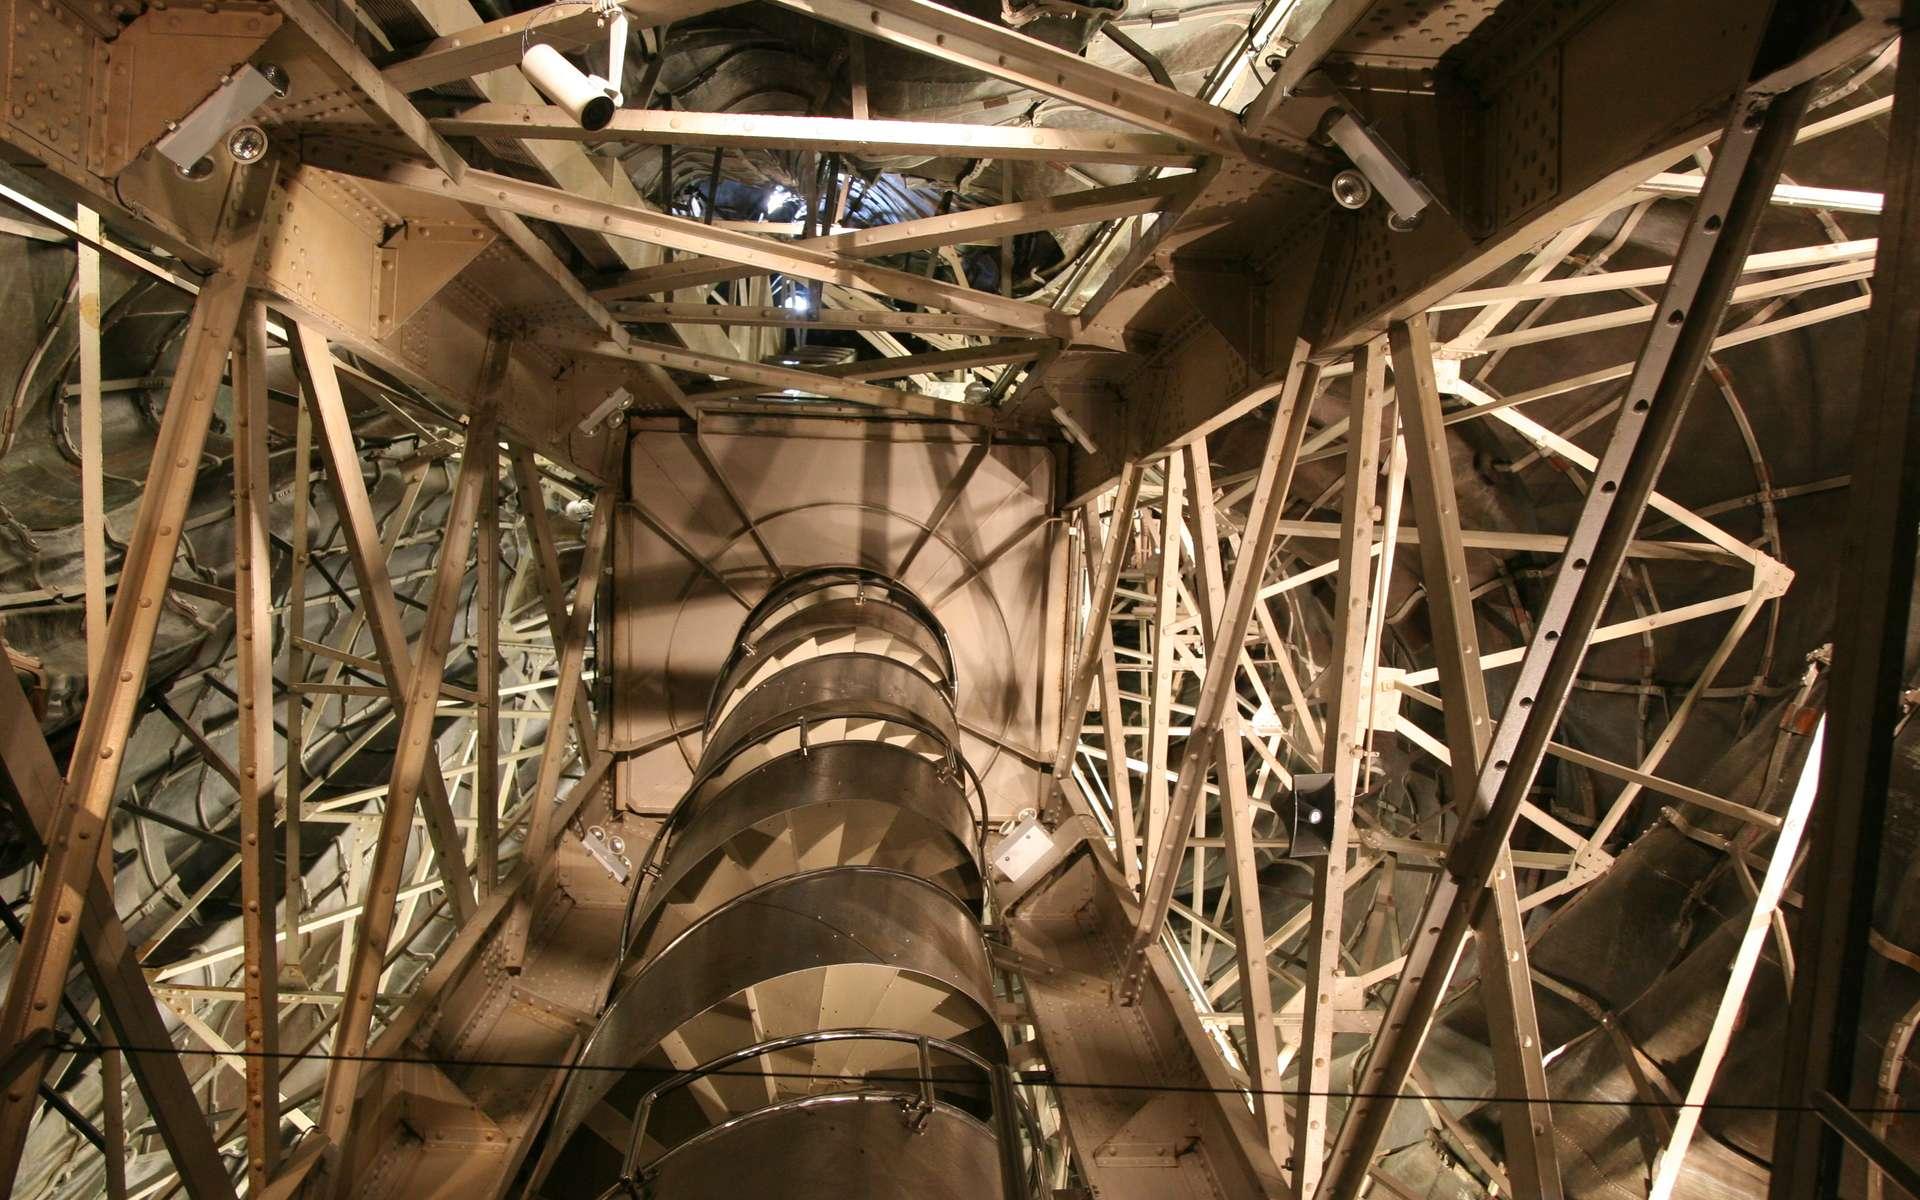 Le fer et l'acier ont joué un rôle important dans la construction de la statue de la Liberté. © Daniel Schwen, Wikimedia Commons, cc by sa 3.0